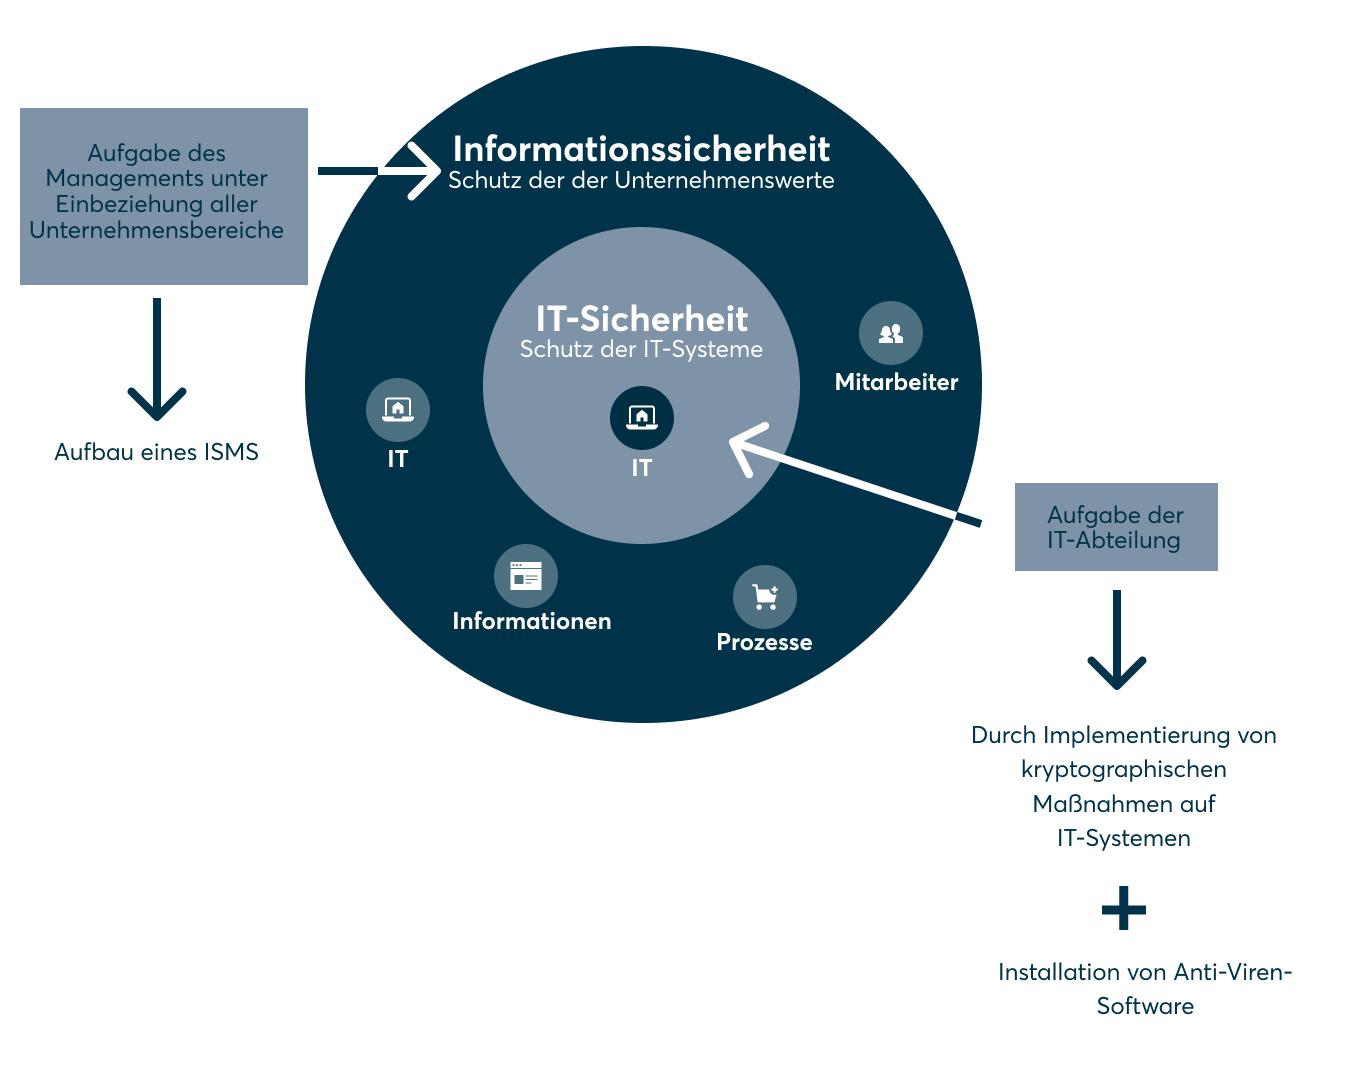 Informationssicherheit_IT-Sicherheit